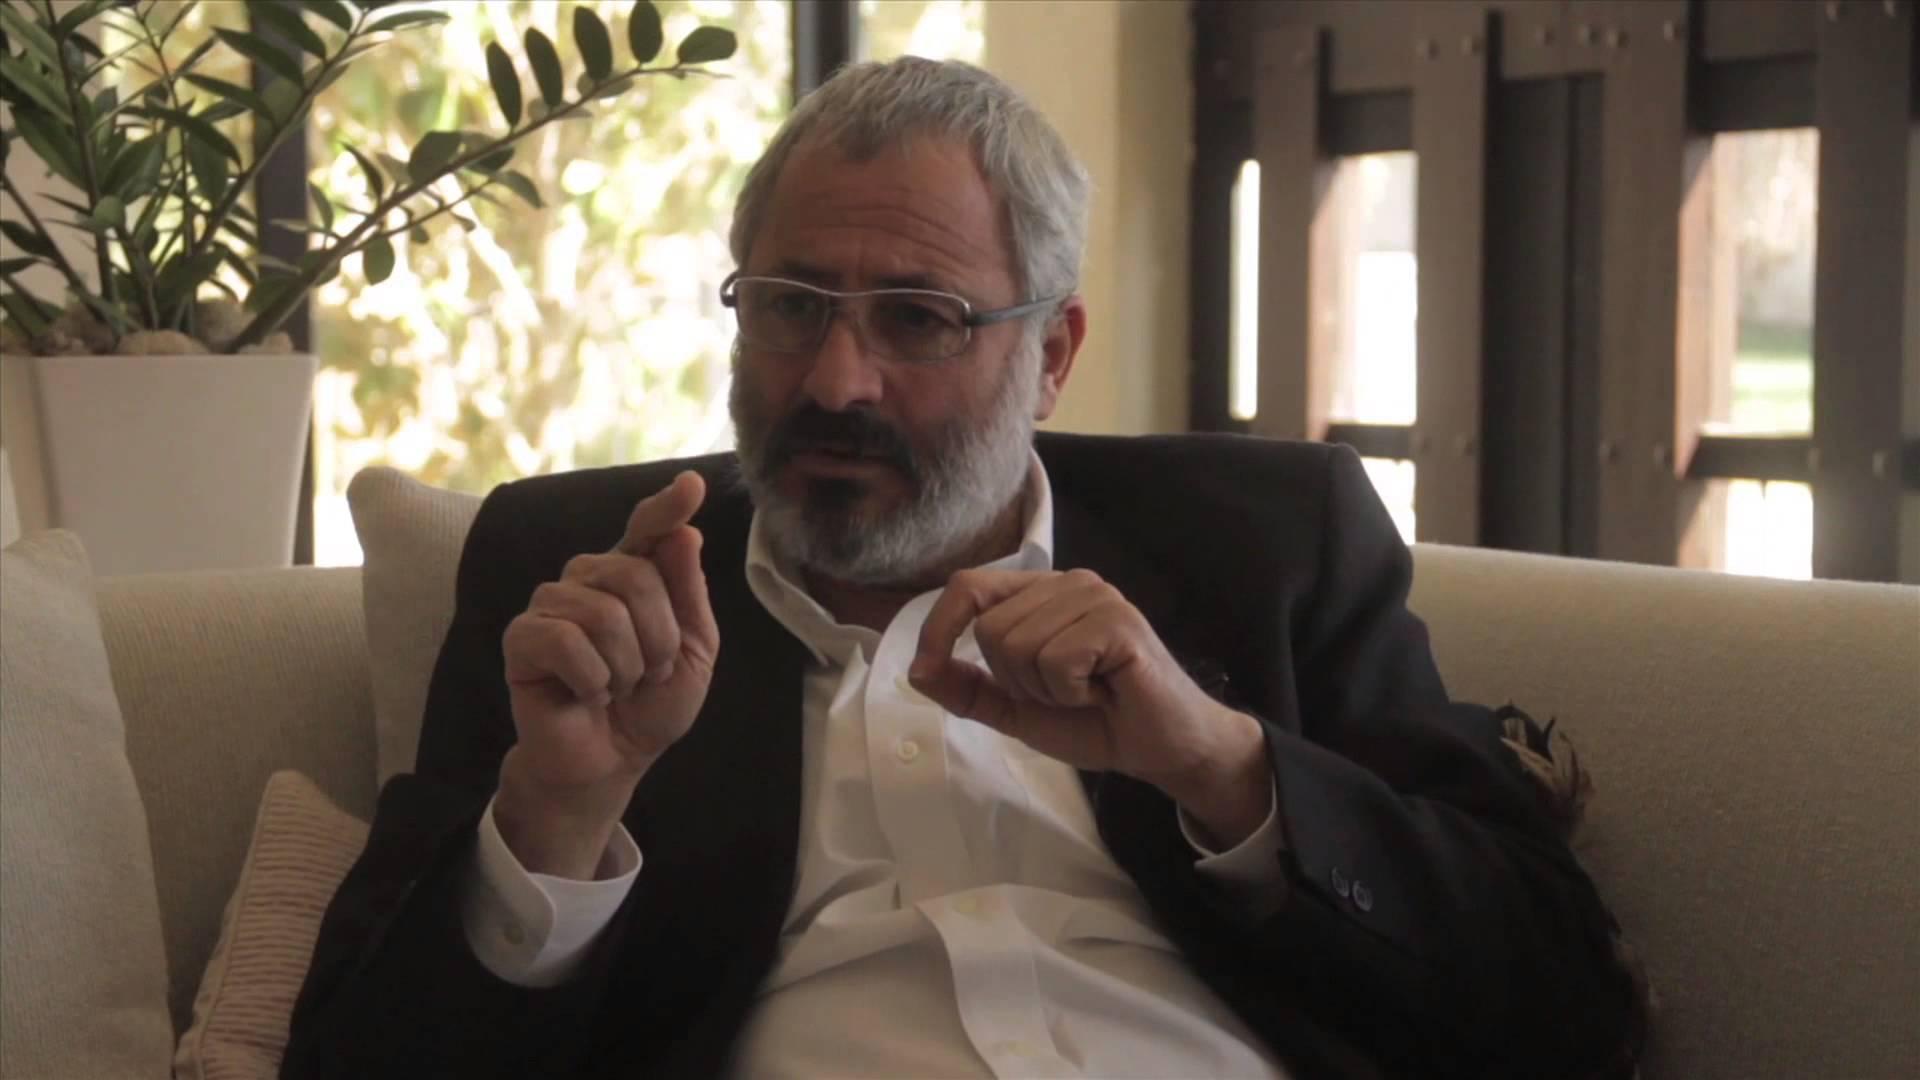 رئيس المجلس الاقتصادي والاجتماعي الدكتور مصطفى الحمارنة -(ارشيفية)